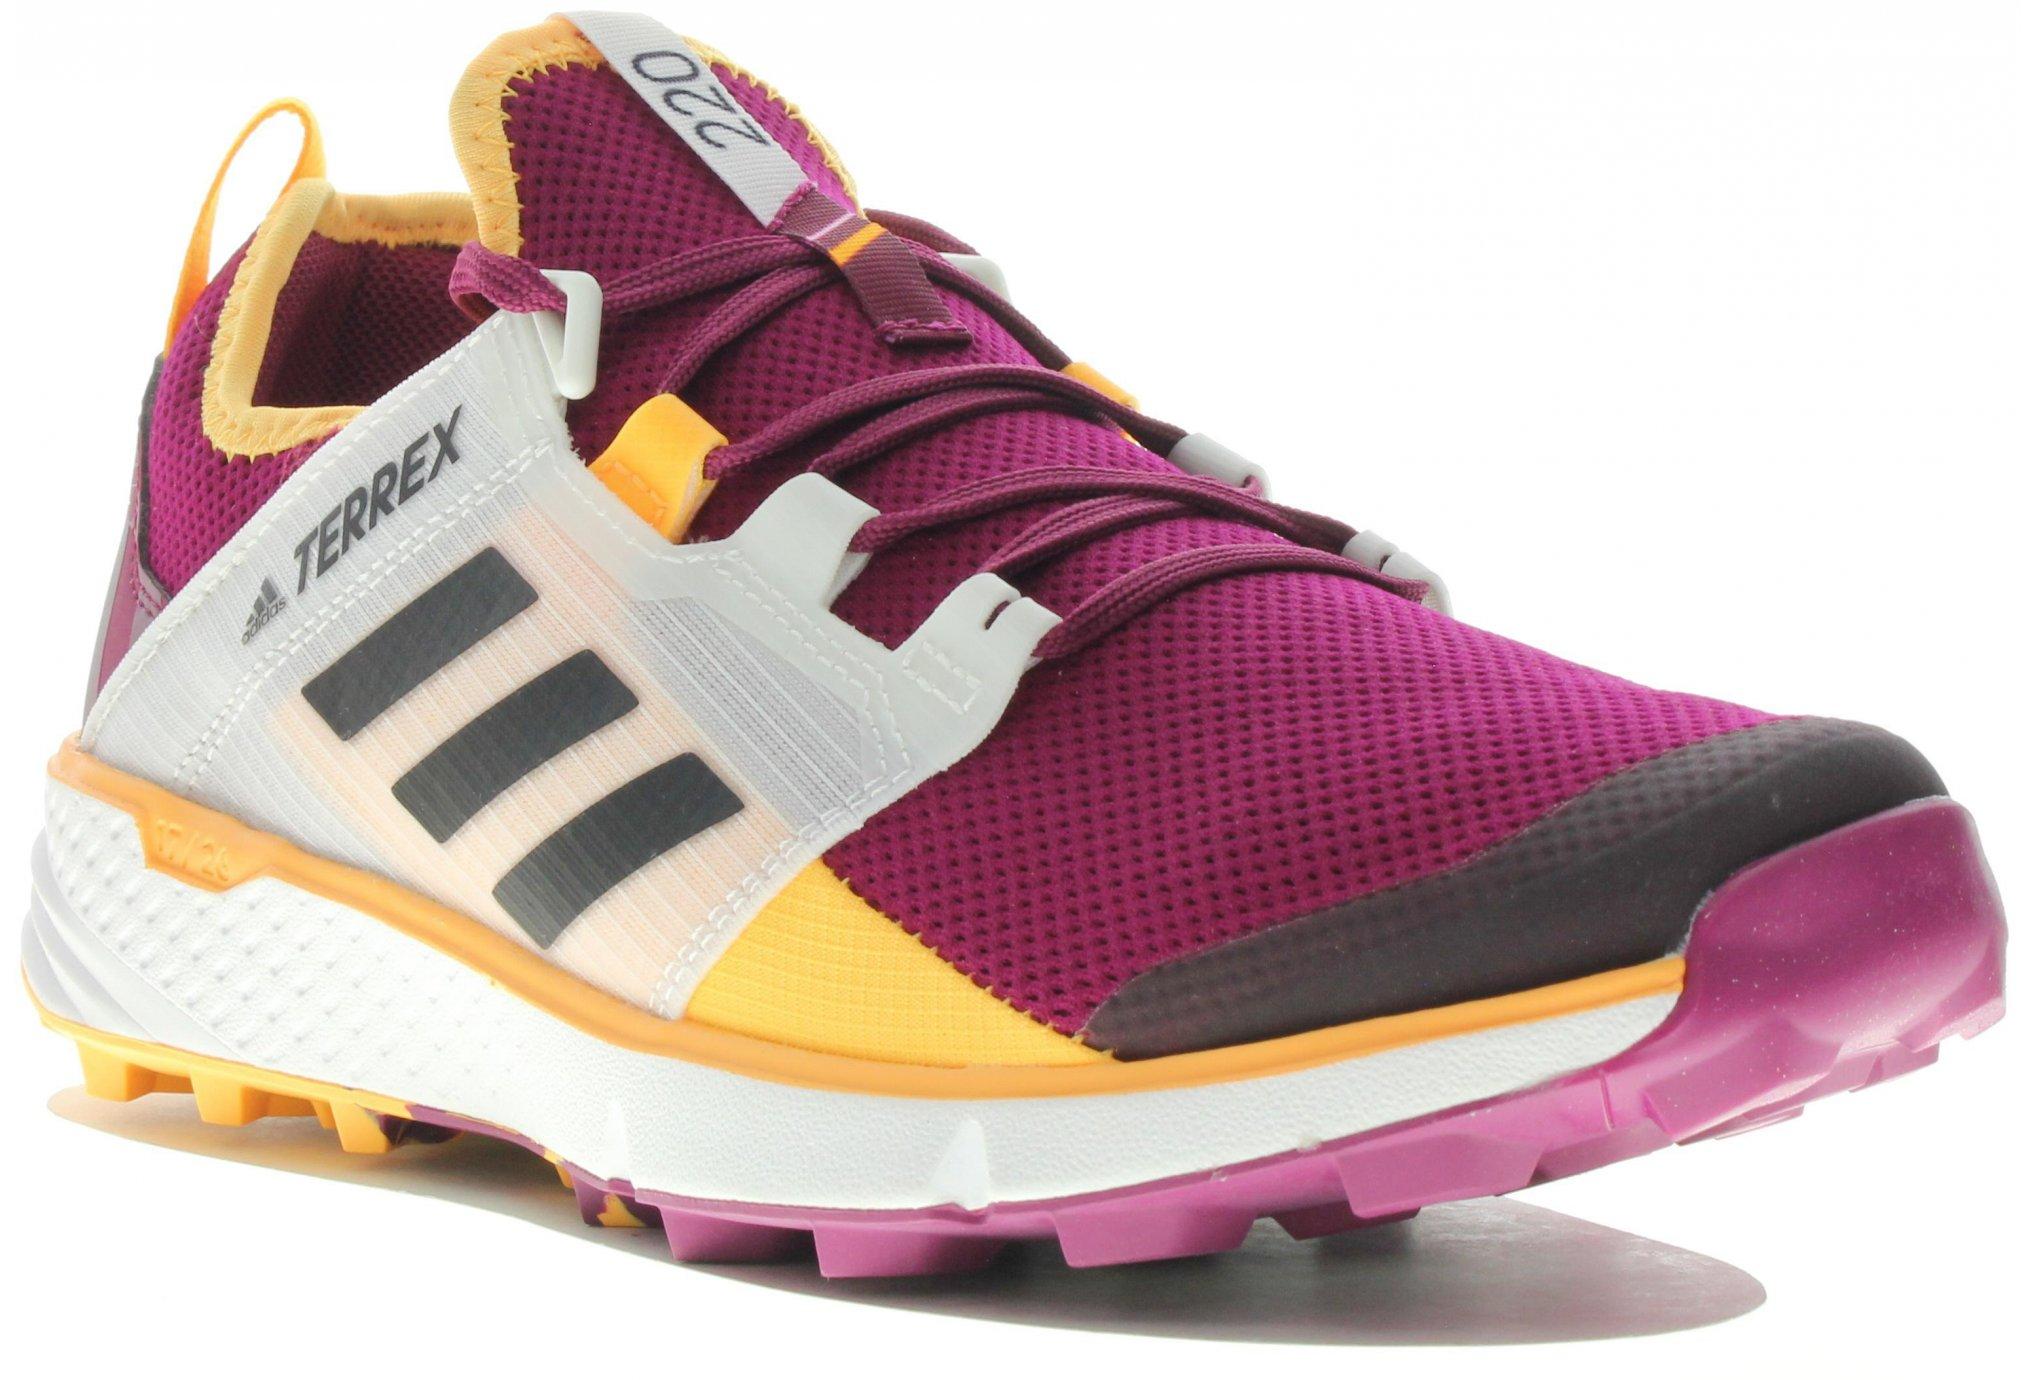 adidas Terrex Speed LD Chaussures running femme